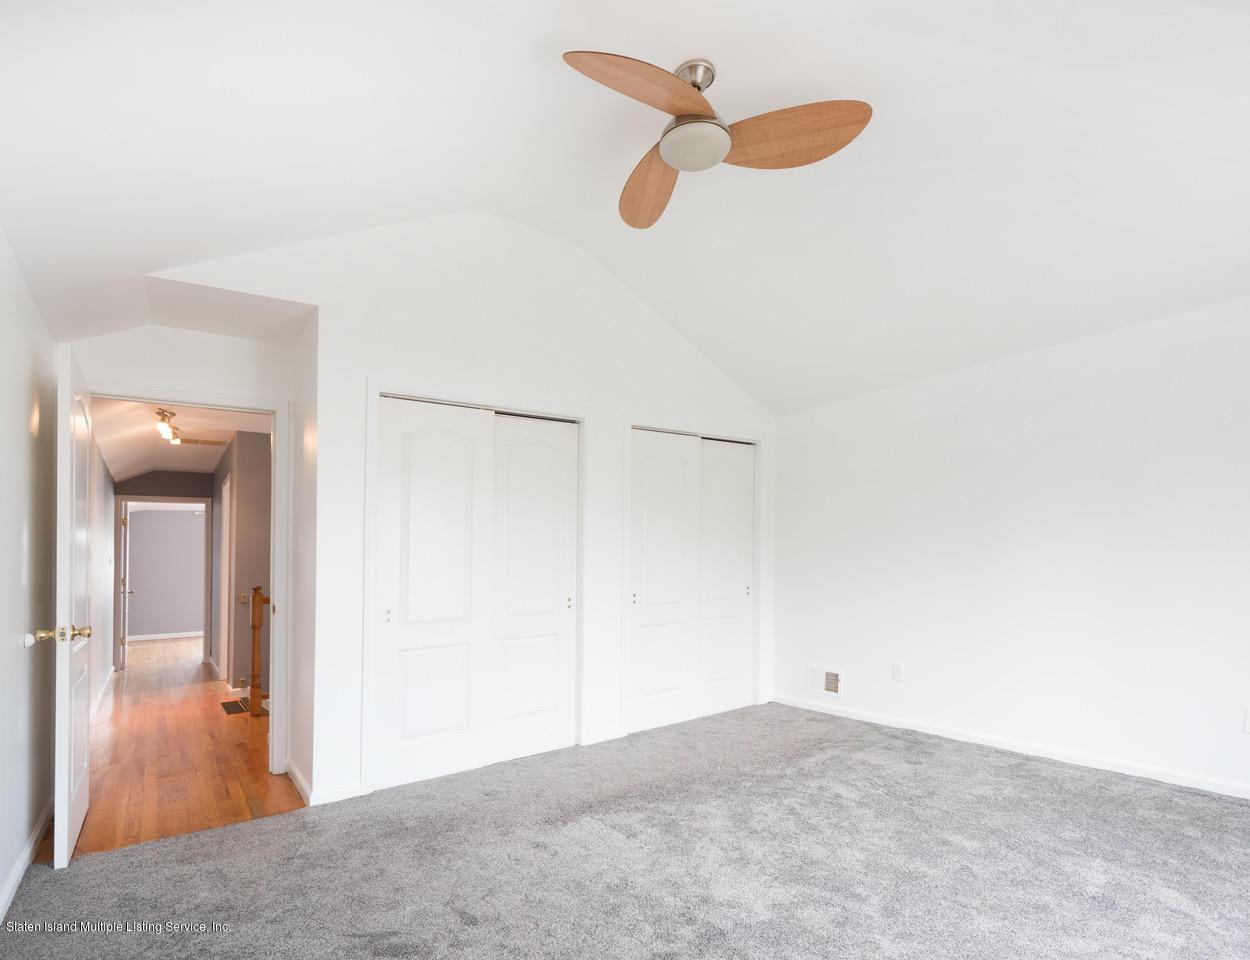 Single Family - Semi-Attached 154 Alberta Avenue  Staten Island, NY 10314, MLS-1131200-9